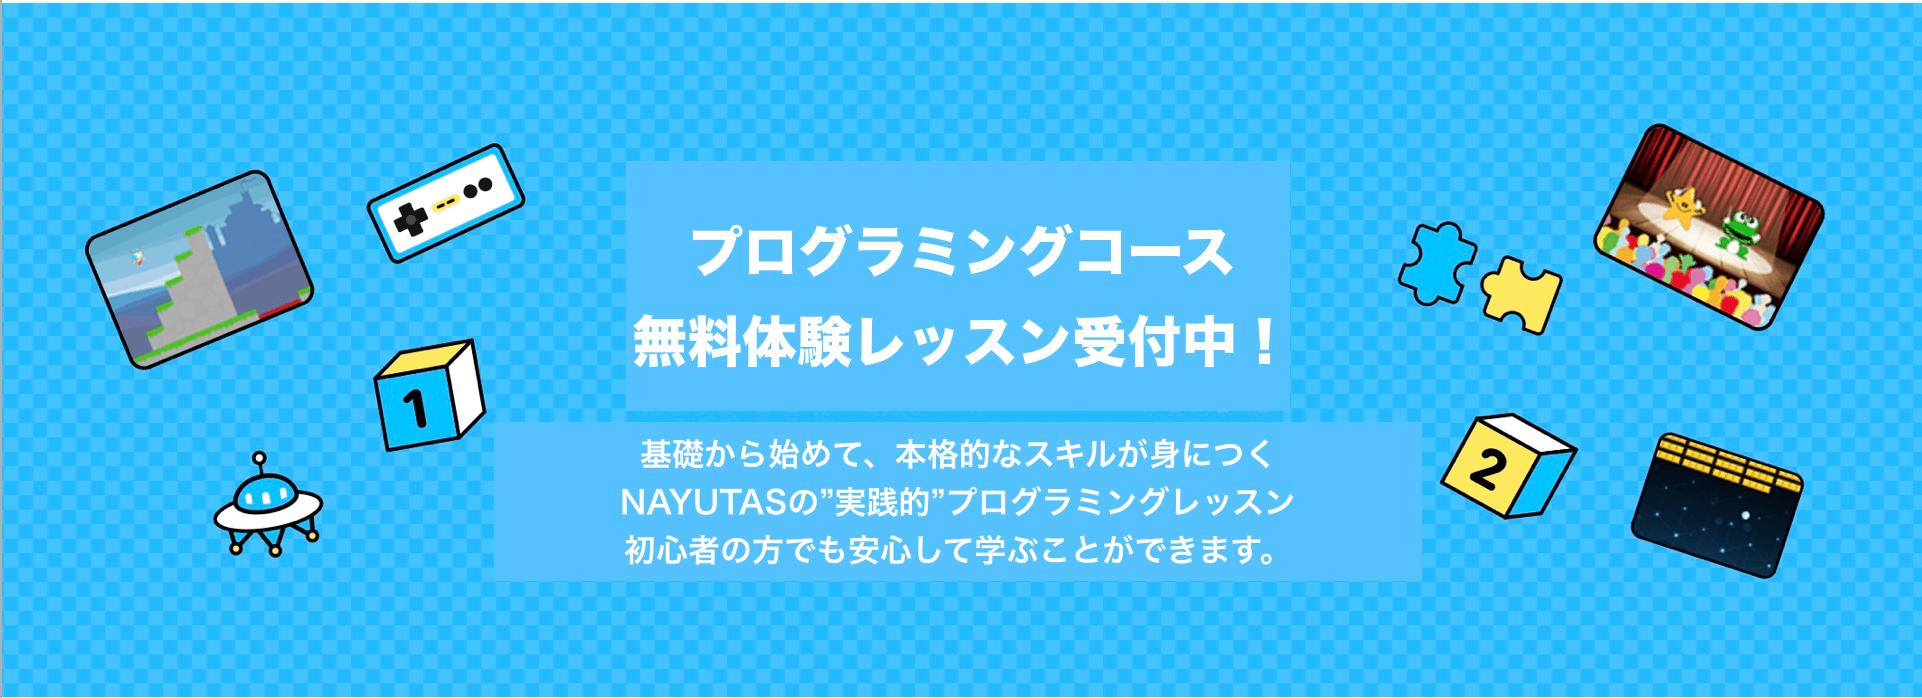 プログラミングコース 無料体験レッスン受付中!